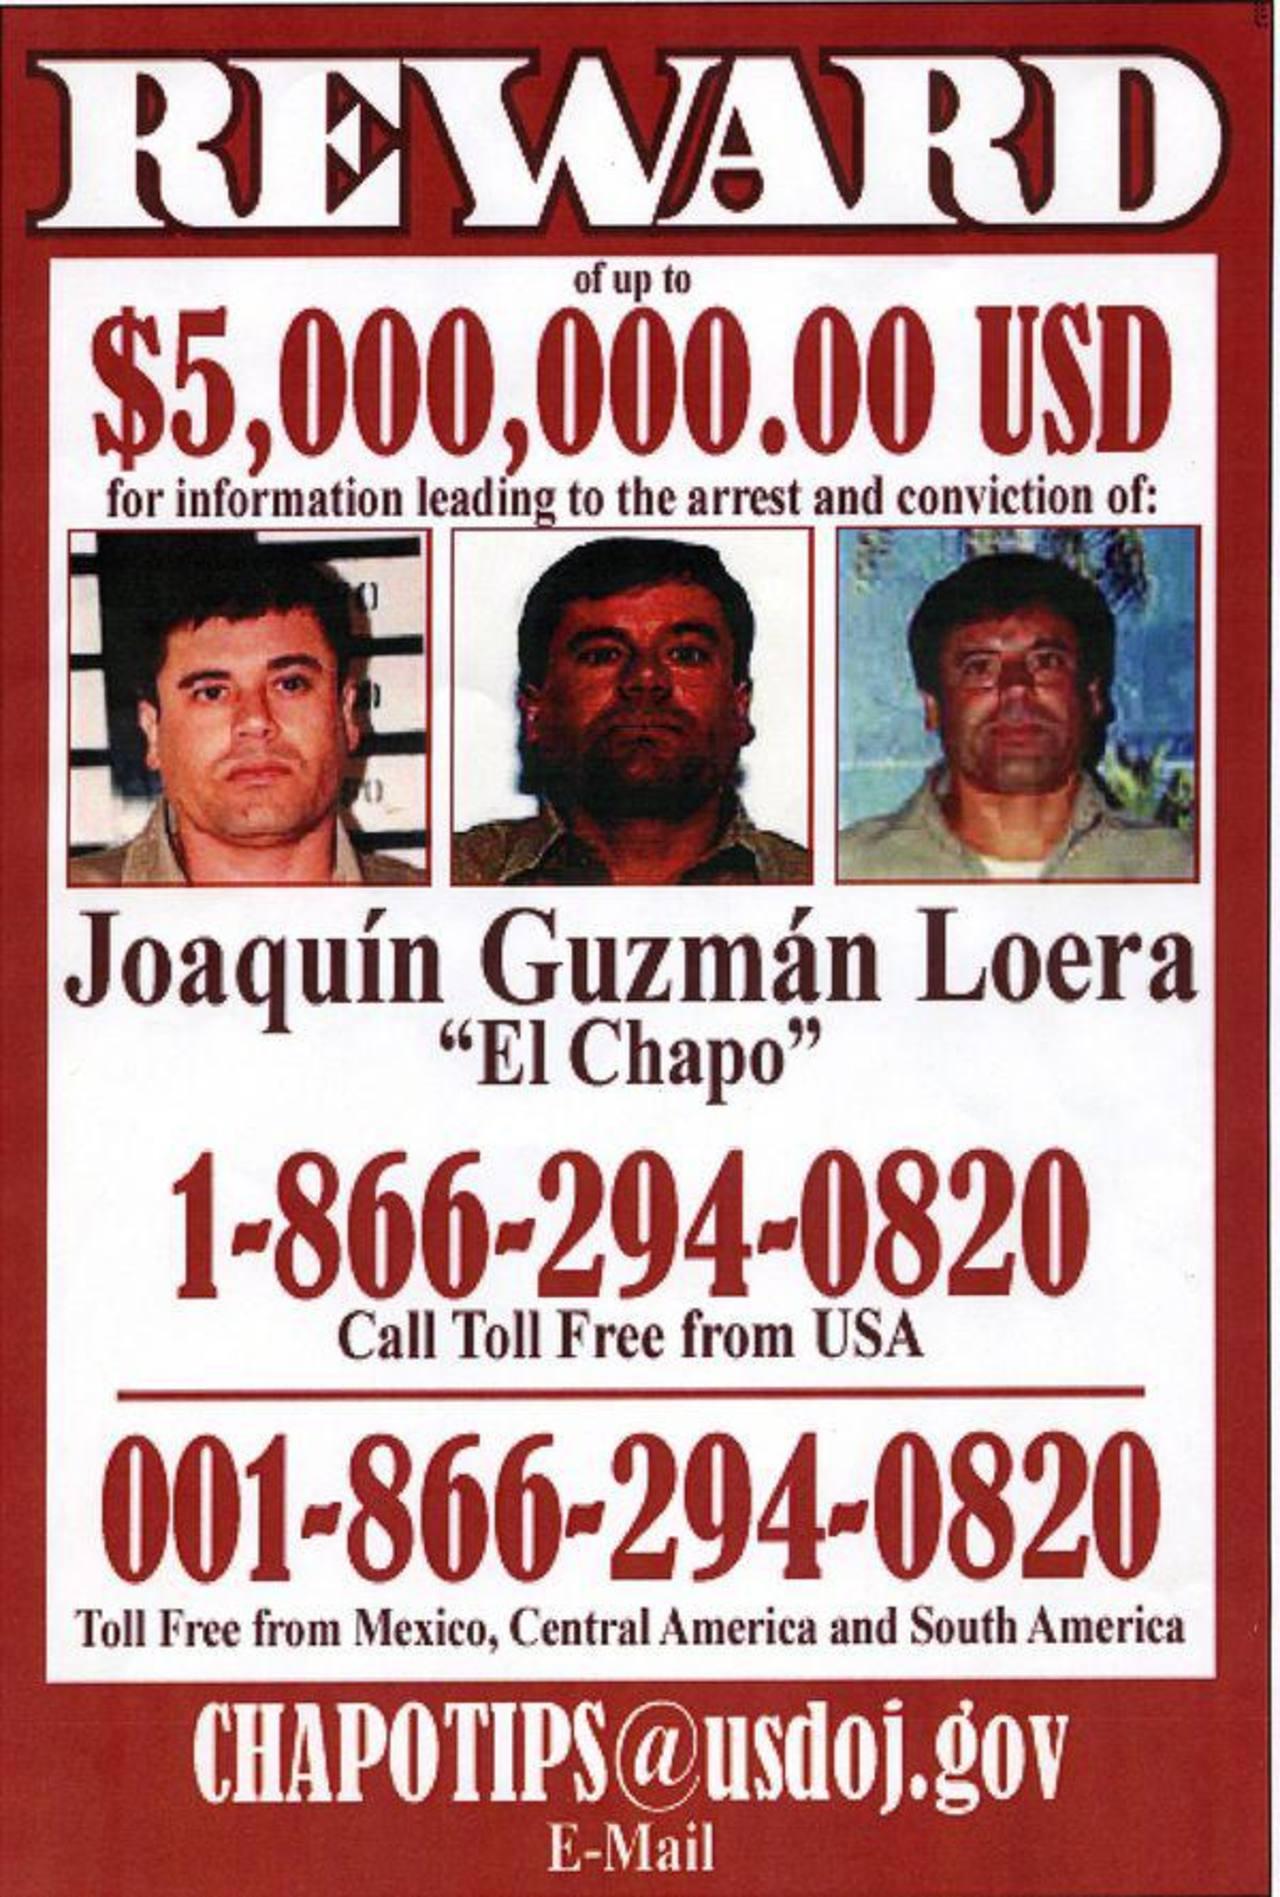 """En este afiche, las autoridades estadounidenses ofrecen una recompensa de $5 millones por Joaquín """"El Chapo"""" Guzmán, jefe del cártel de Sinaloa y el narcotraficante más buscado. Recientemente la recompensa aumentó a $7 millones."""